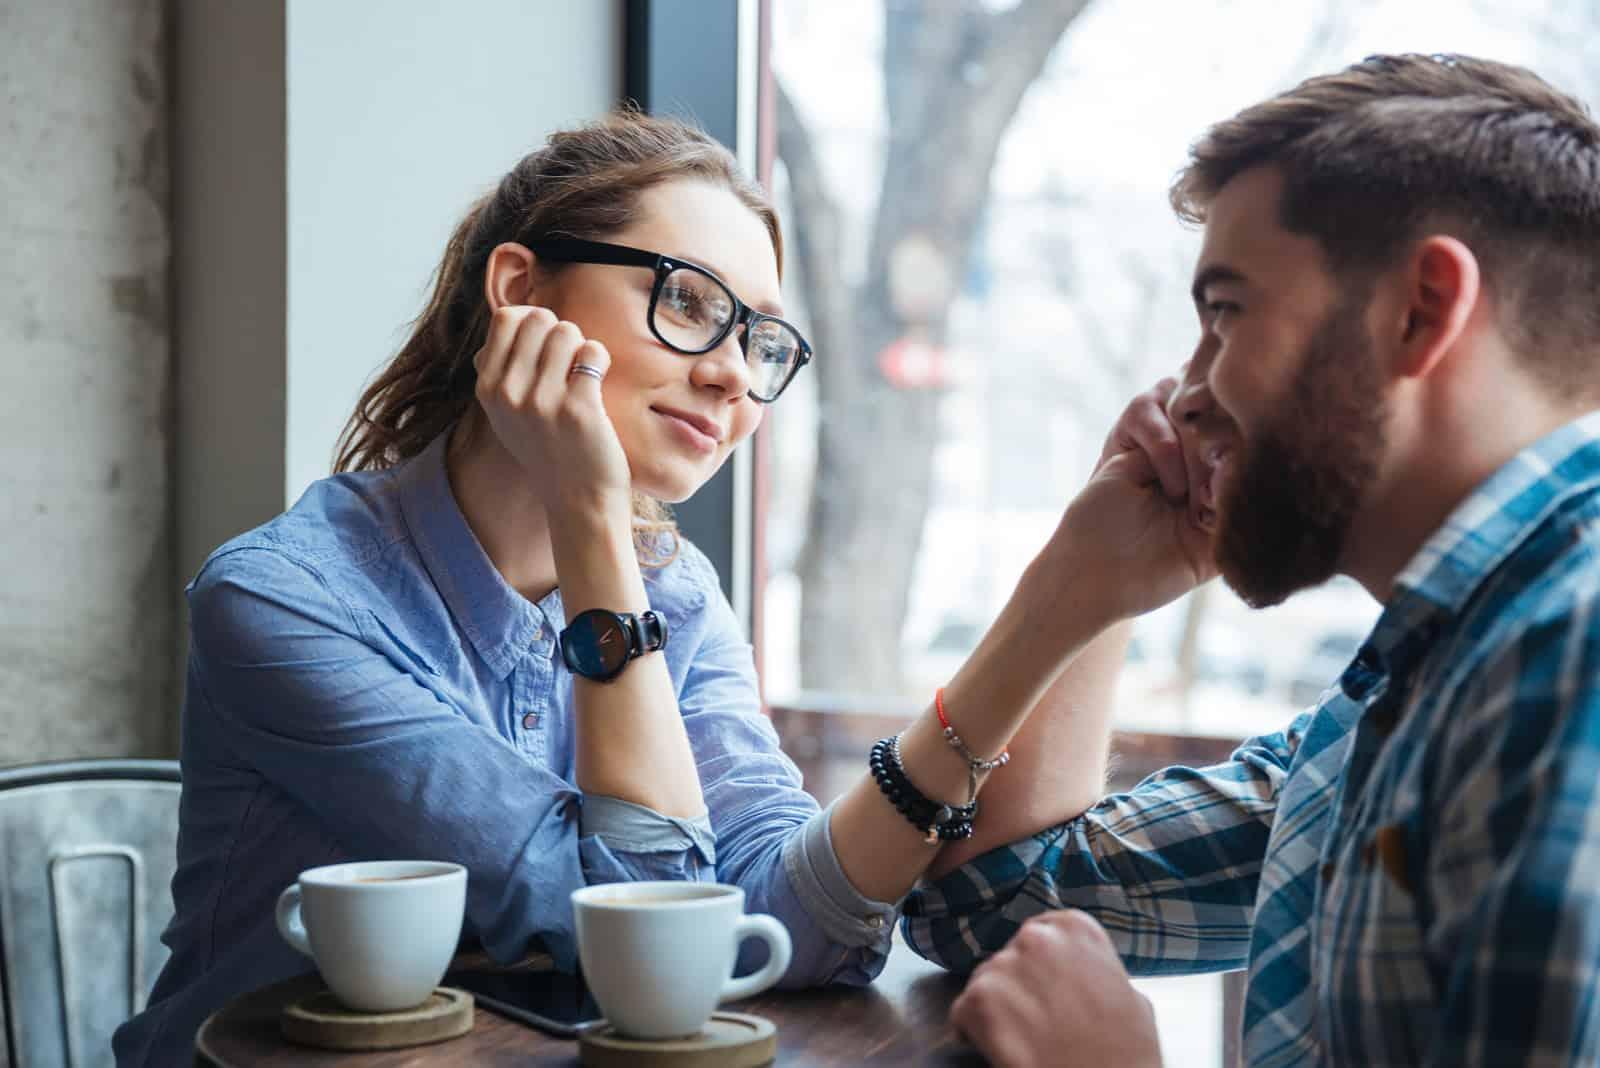 schönes Paar auf einem Date, das Kaffee im Café trinkt